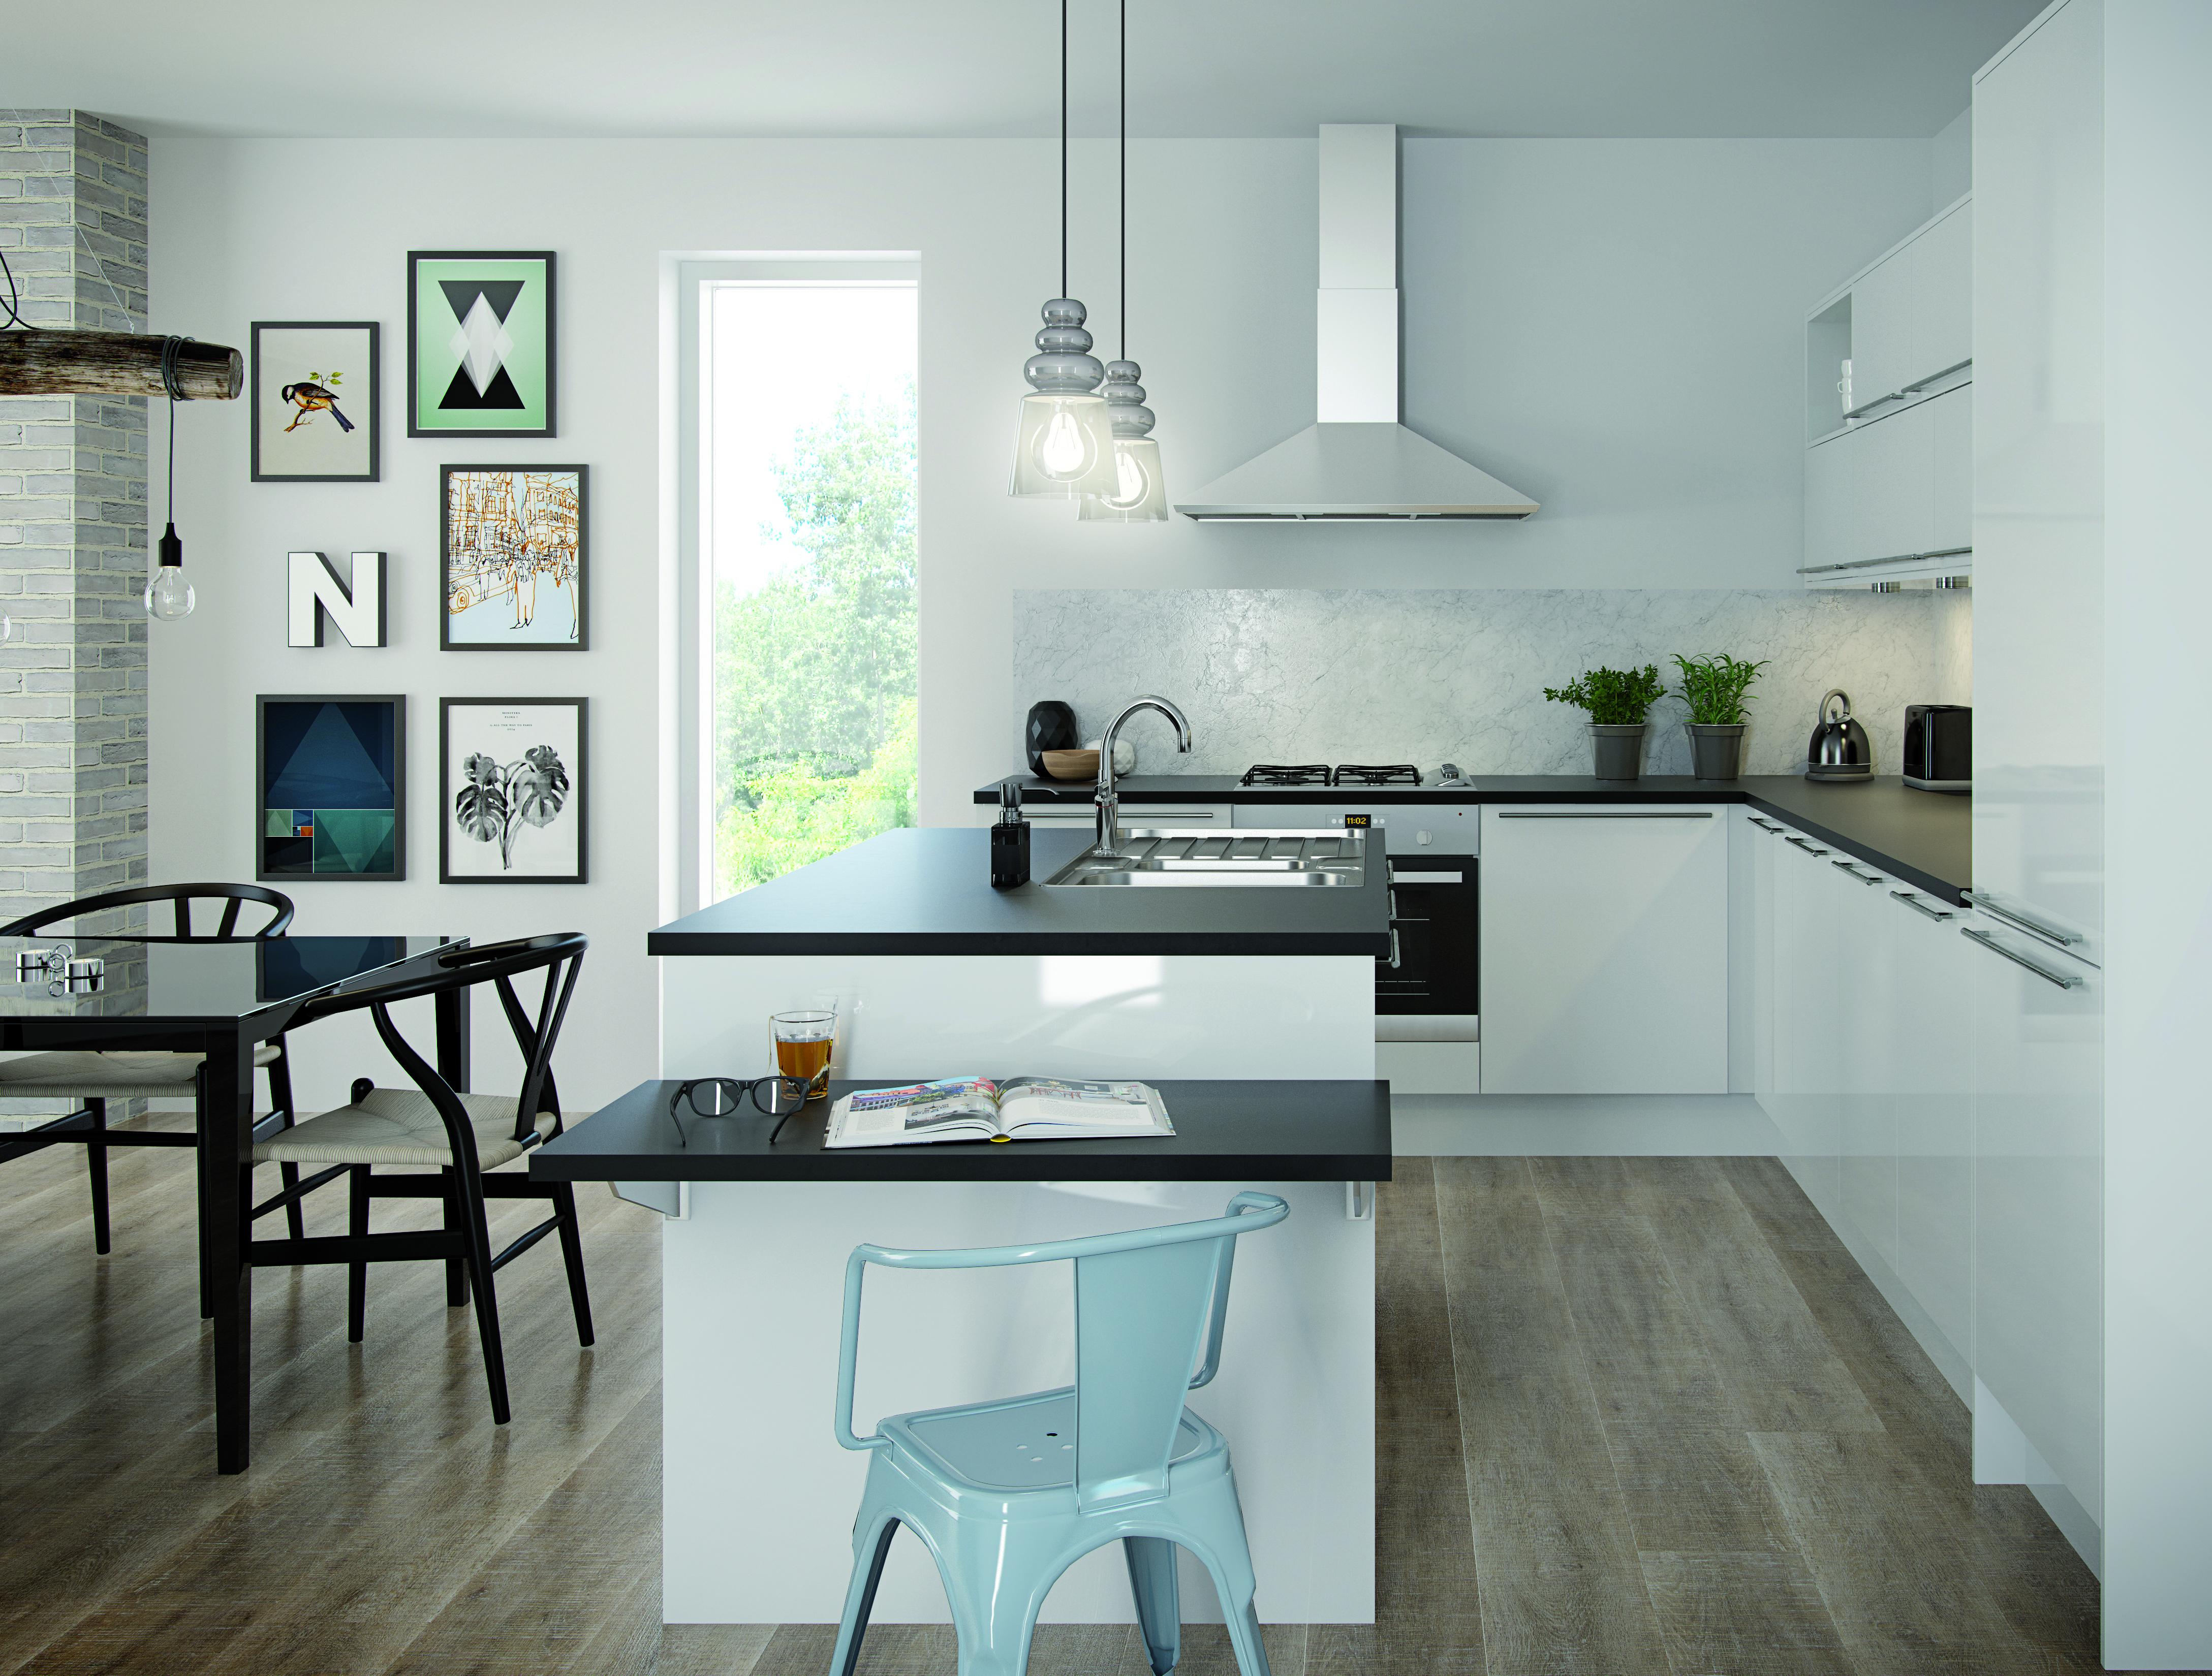 Magnet Winter sale: Stunning kitchen designs for half price